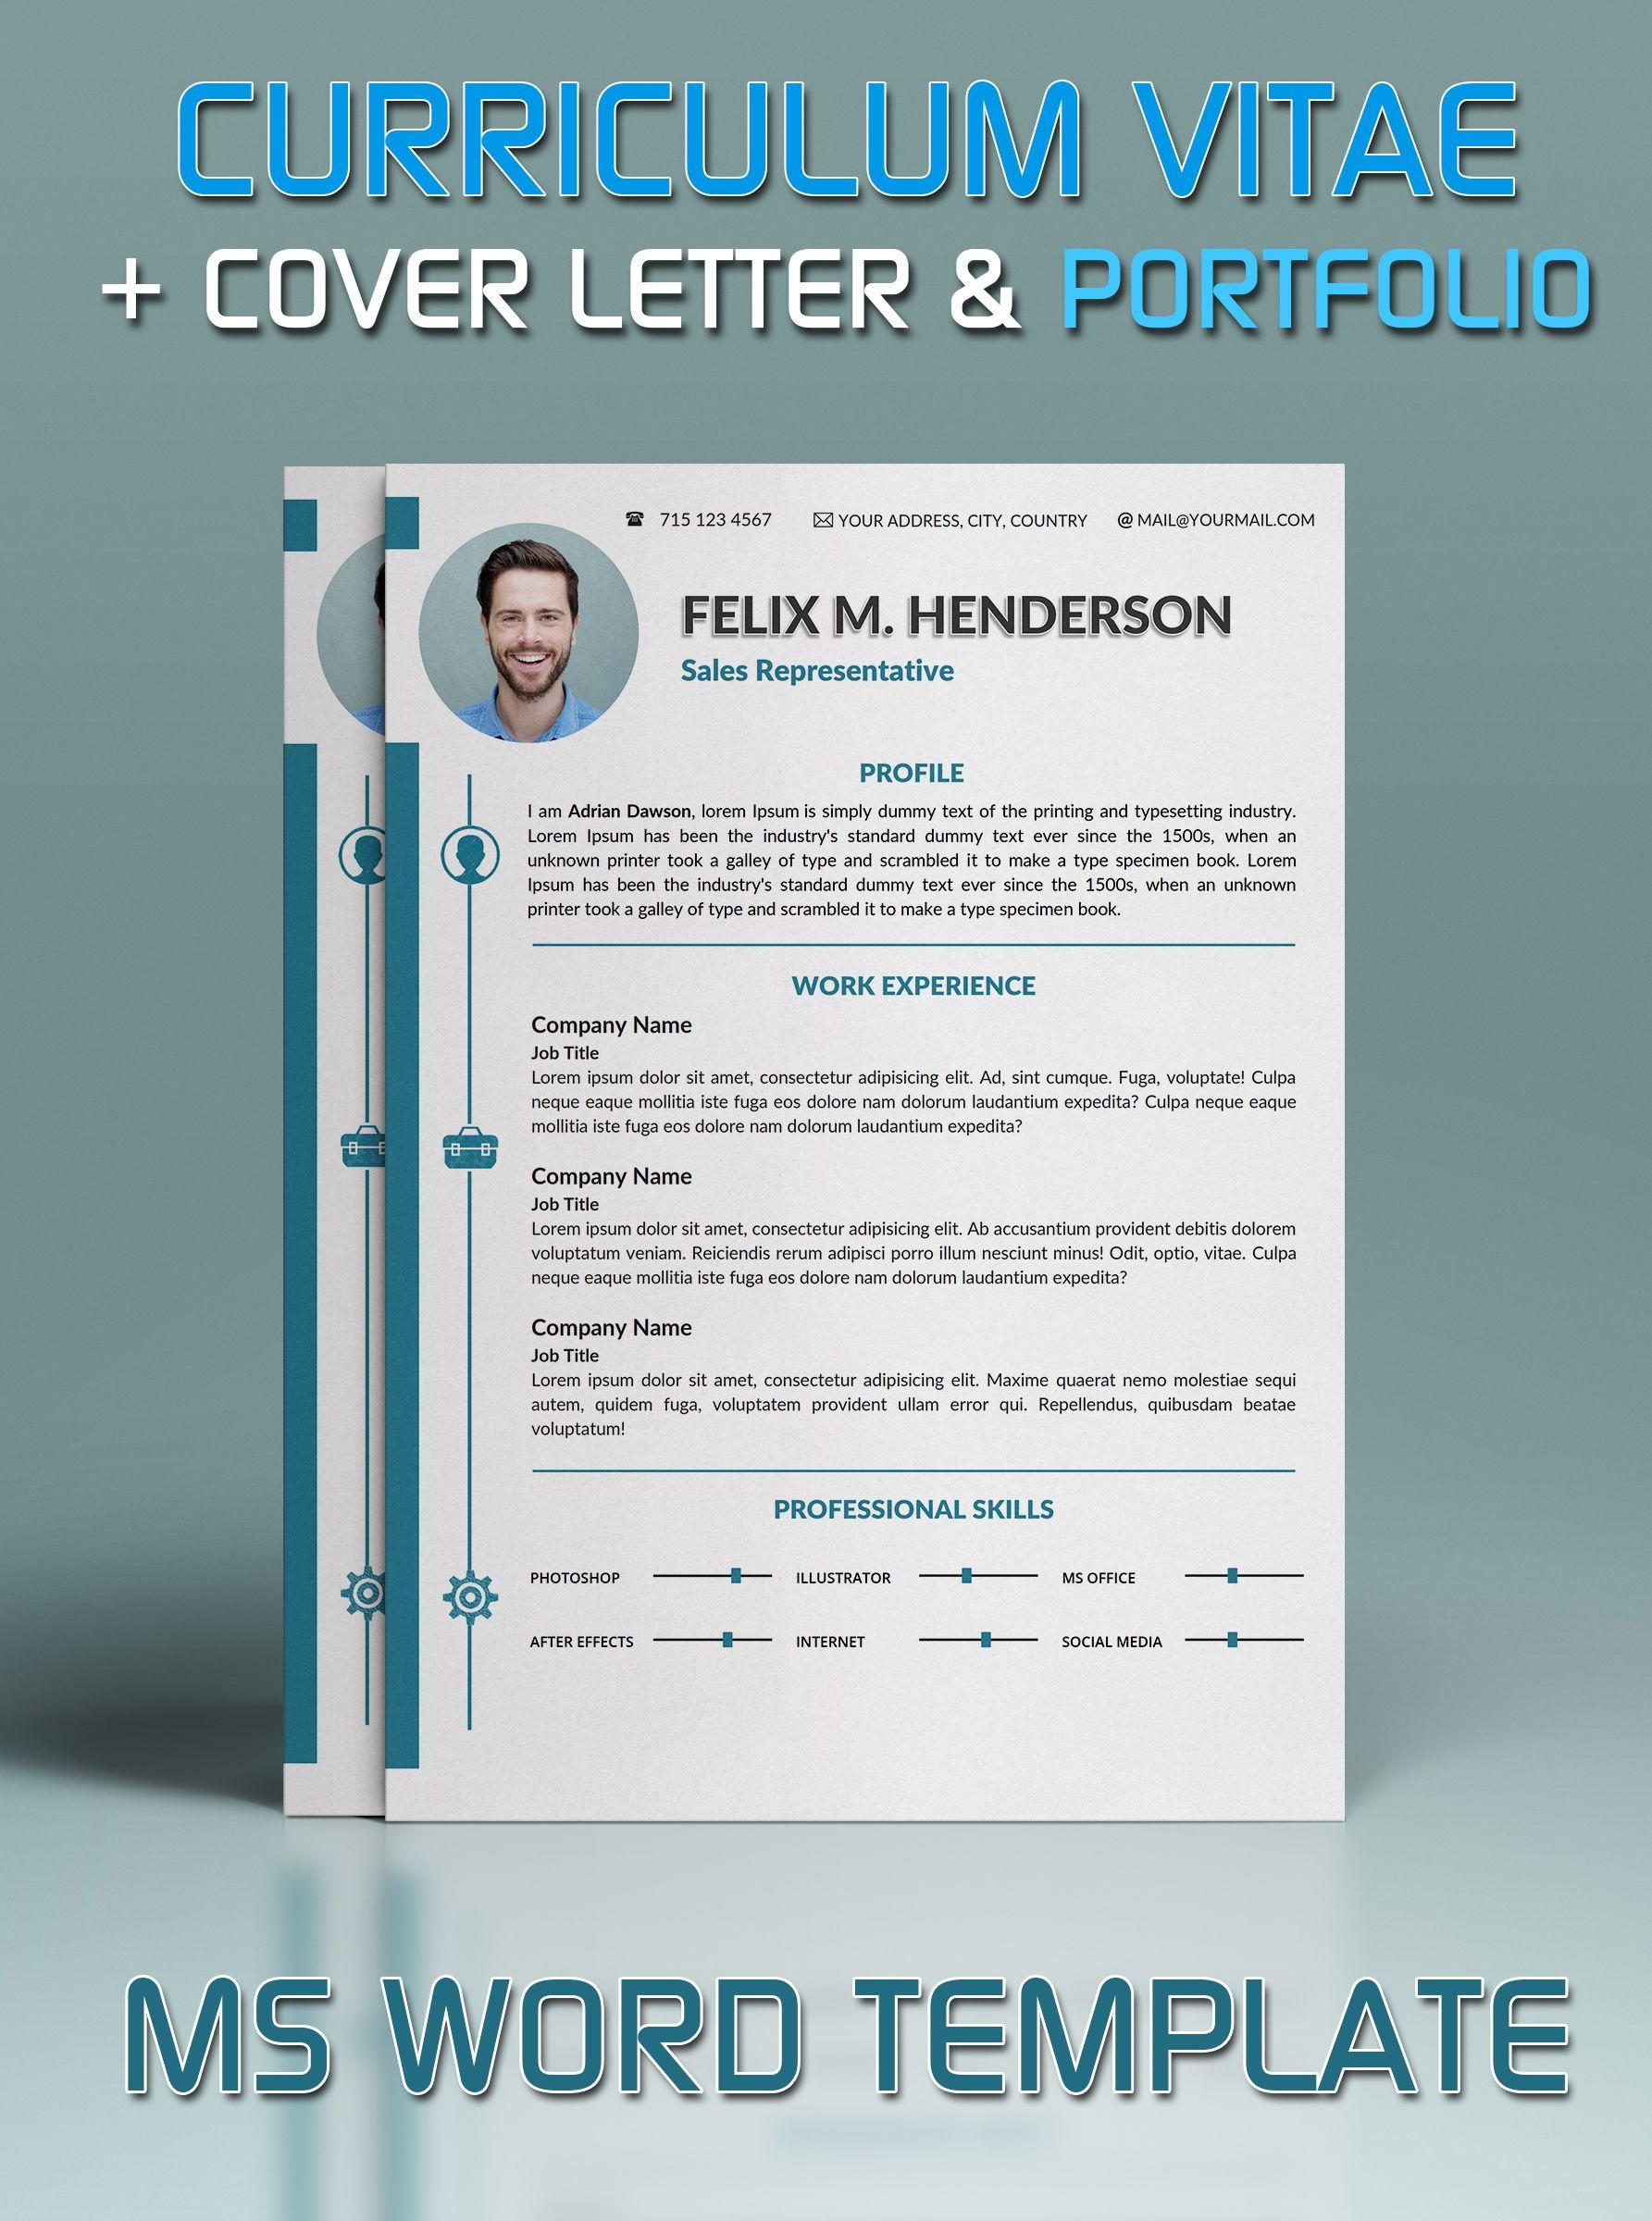 Resume Template Cover Letter Portfolio Modern